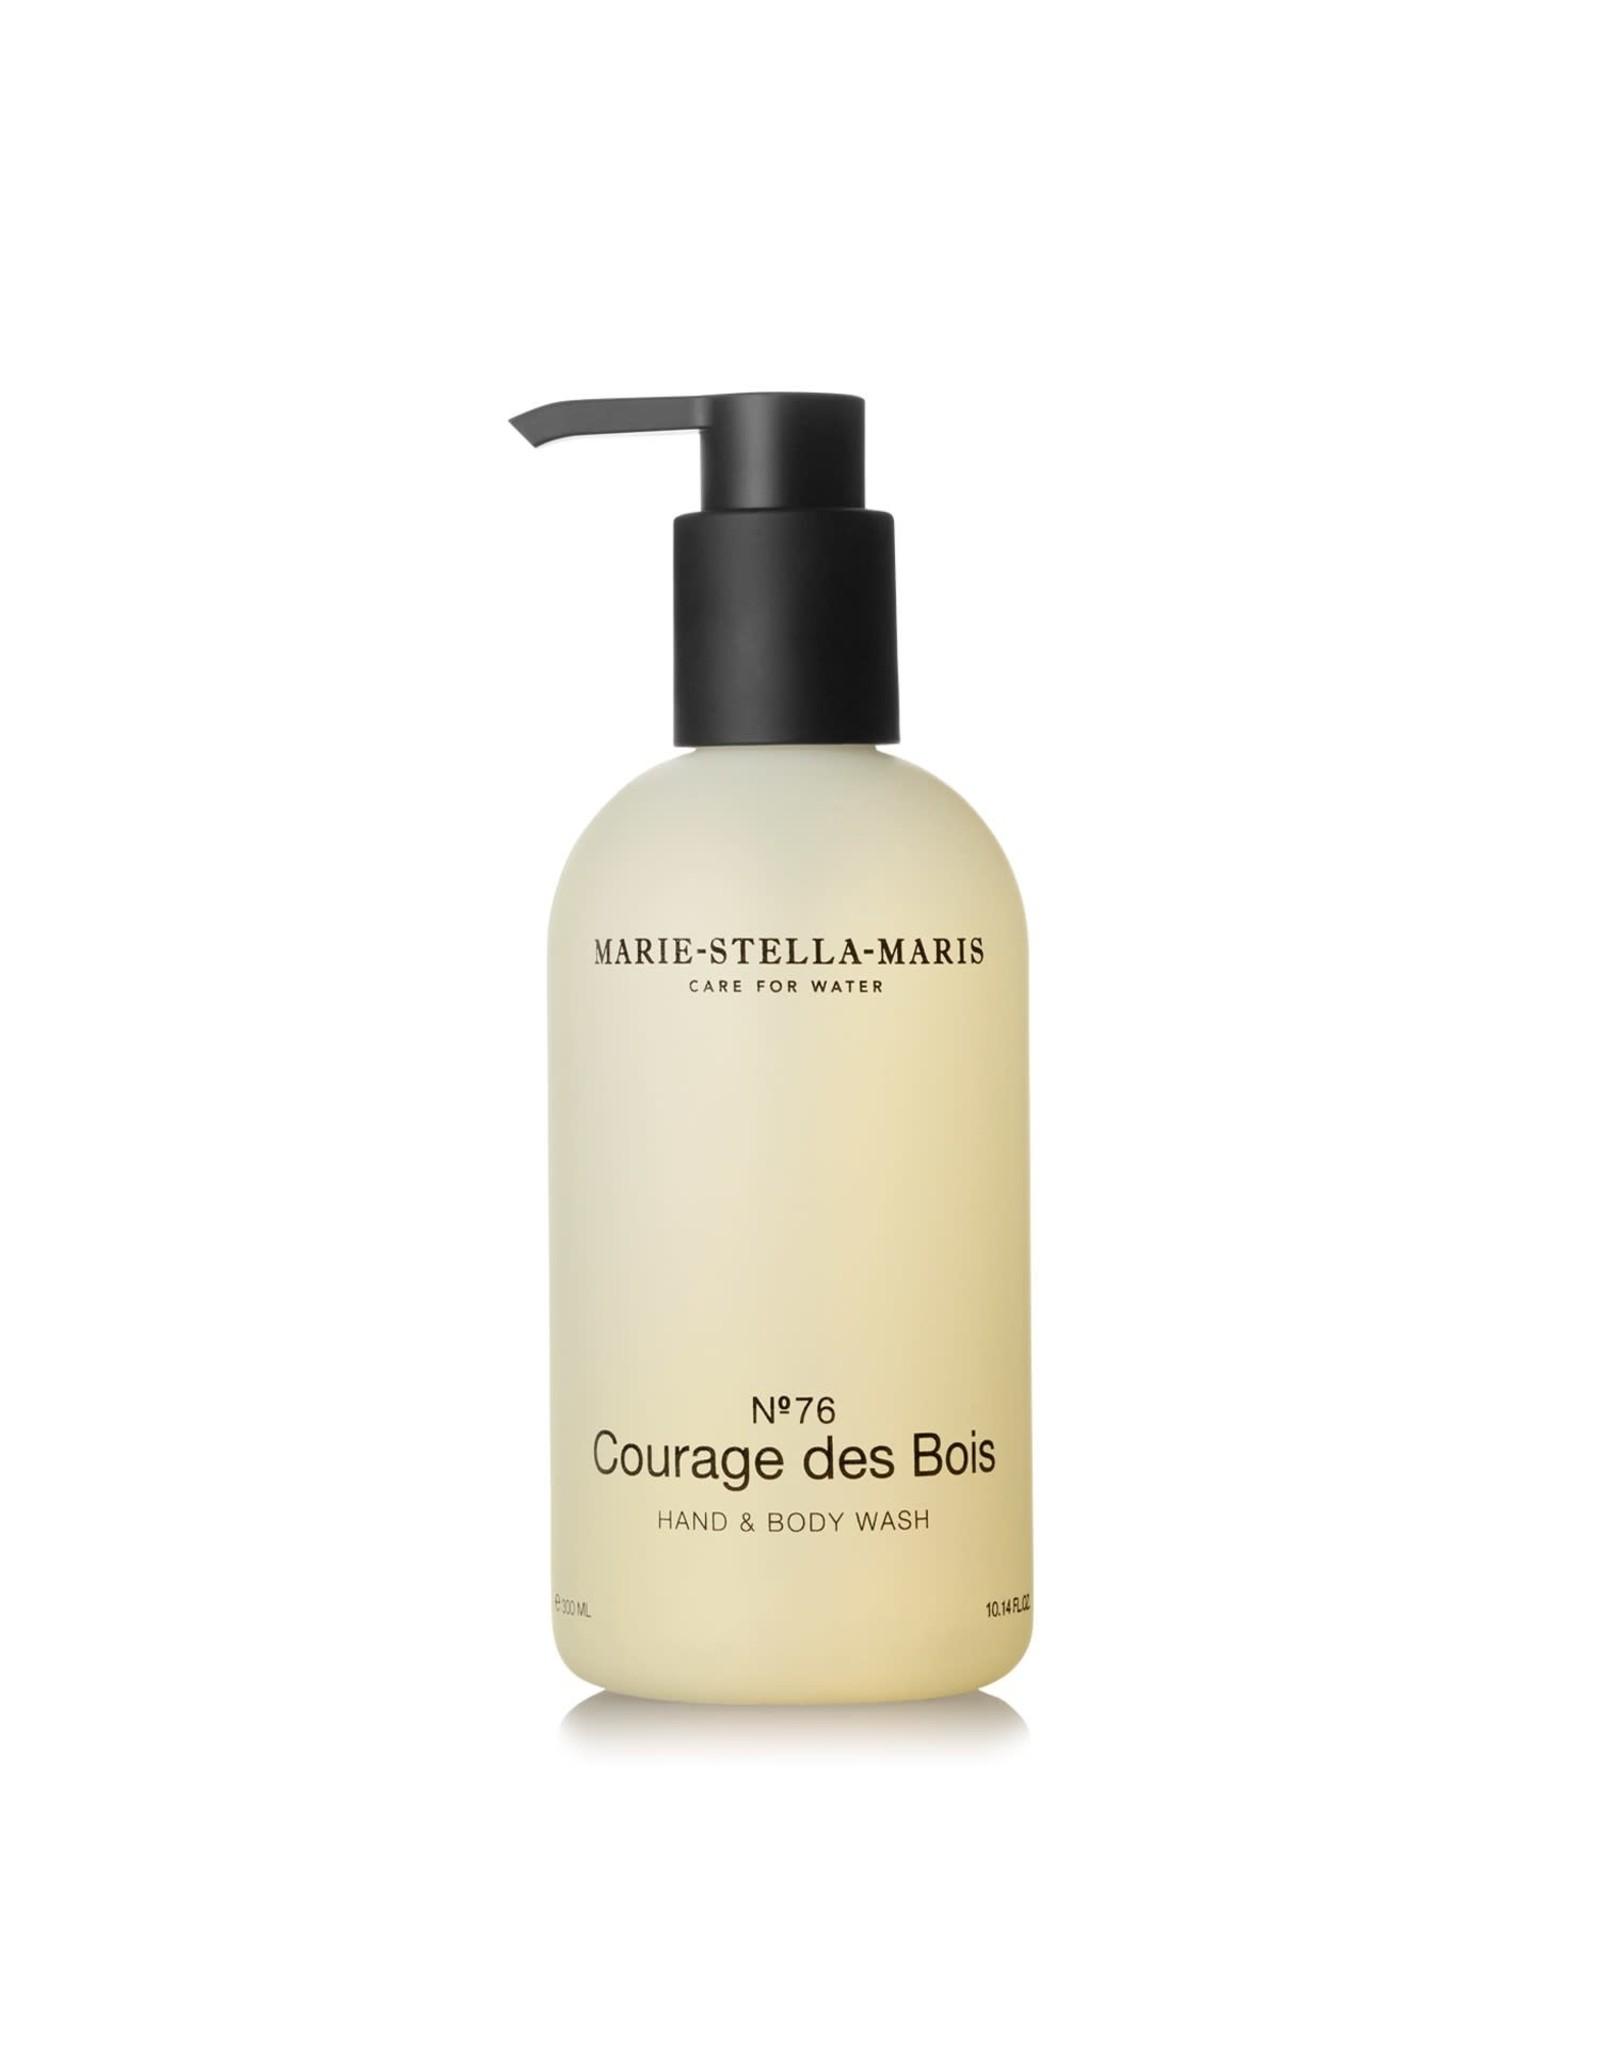 Marie-Stella-Maris Hand & Body Wash Courage des Bois